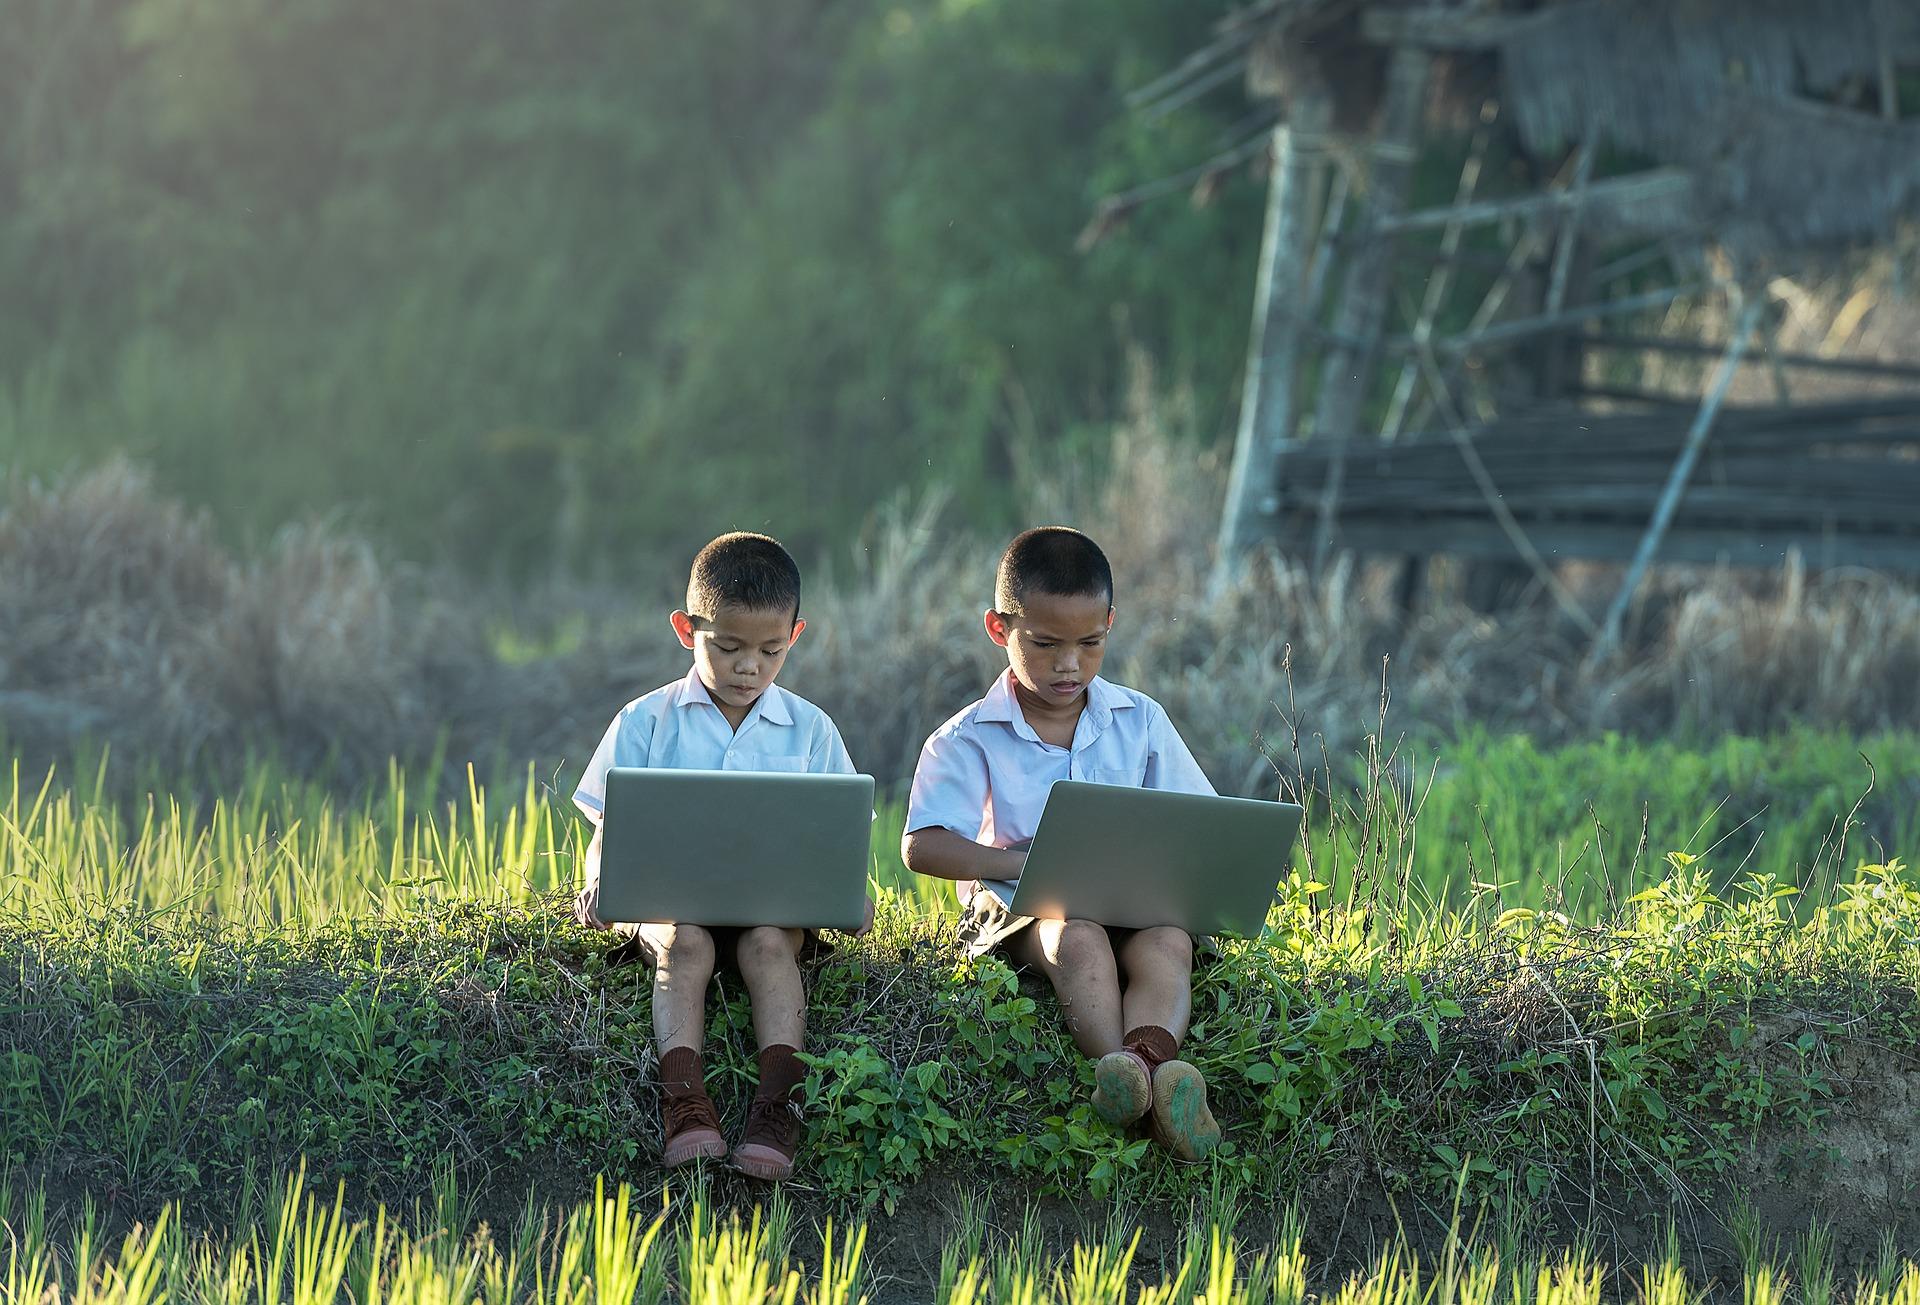 גלישה מסוכנת – כל מה שאתם צריכים לדעת על בקרת הורים באינטרנט